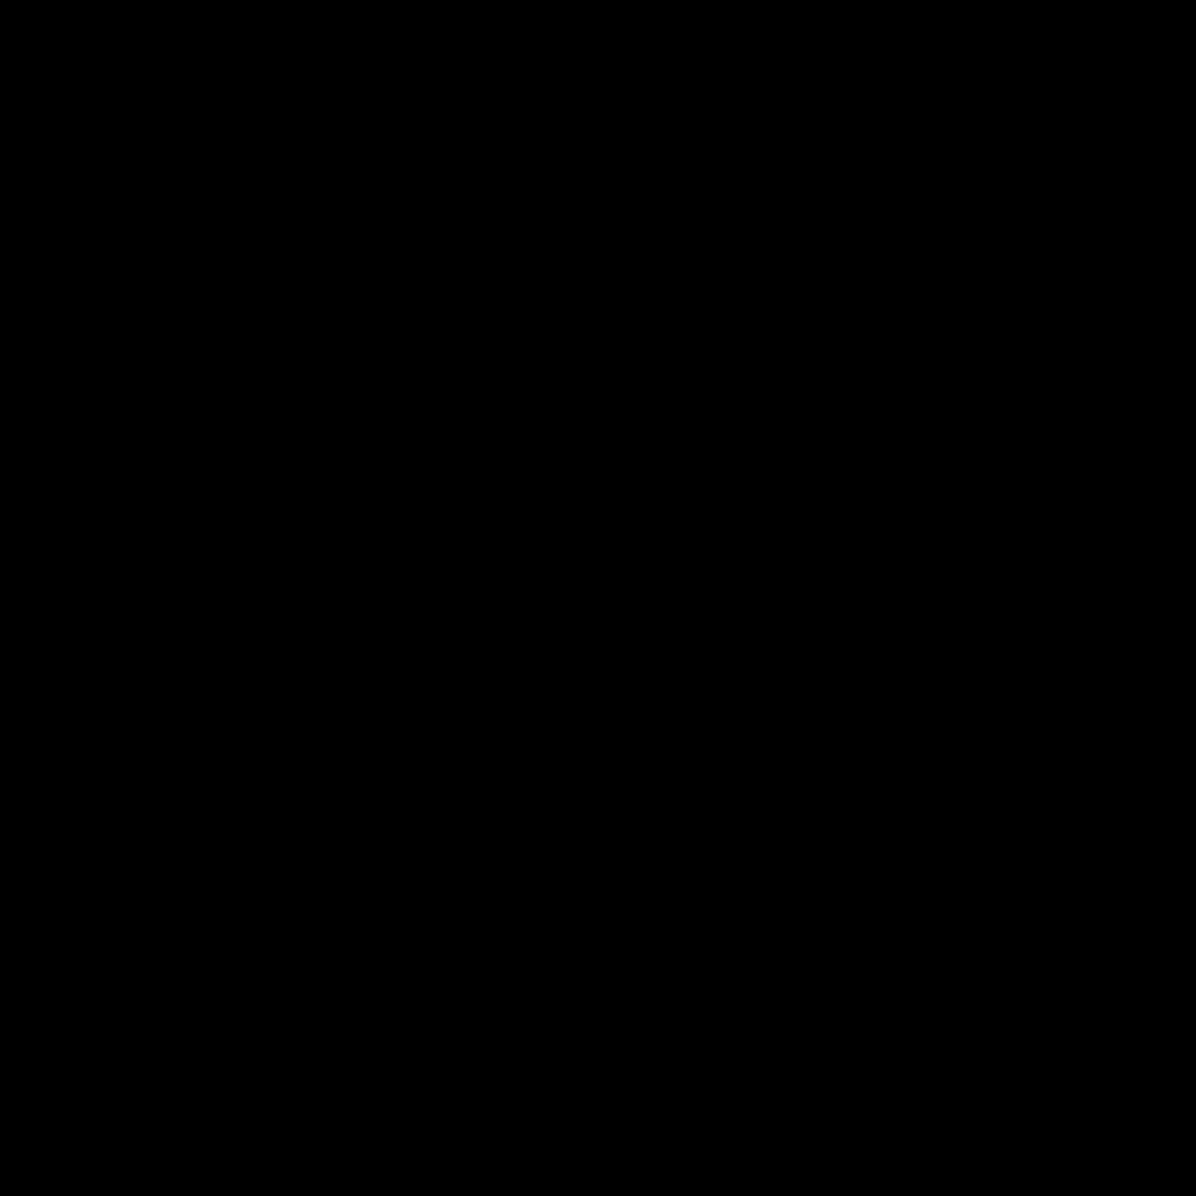 """Neues Nerd School Album """"Blue Sky for White Lies"""" kommt am 23. März"""